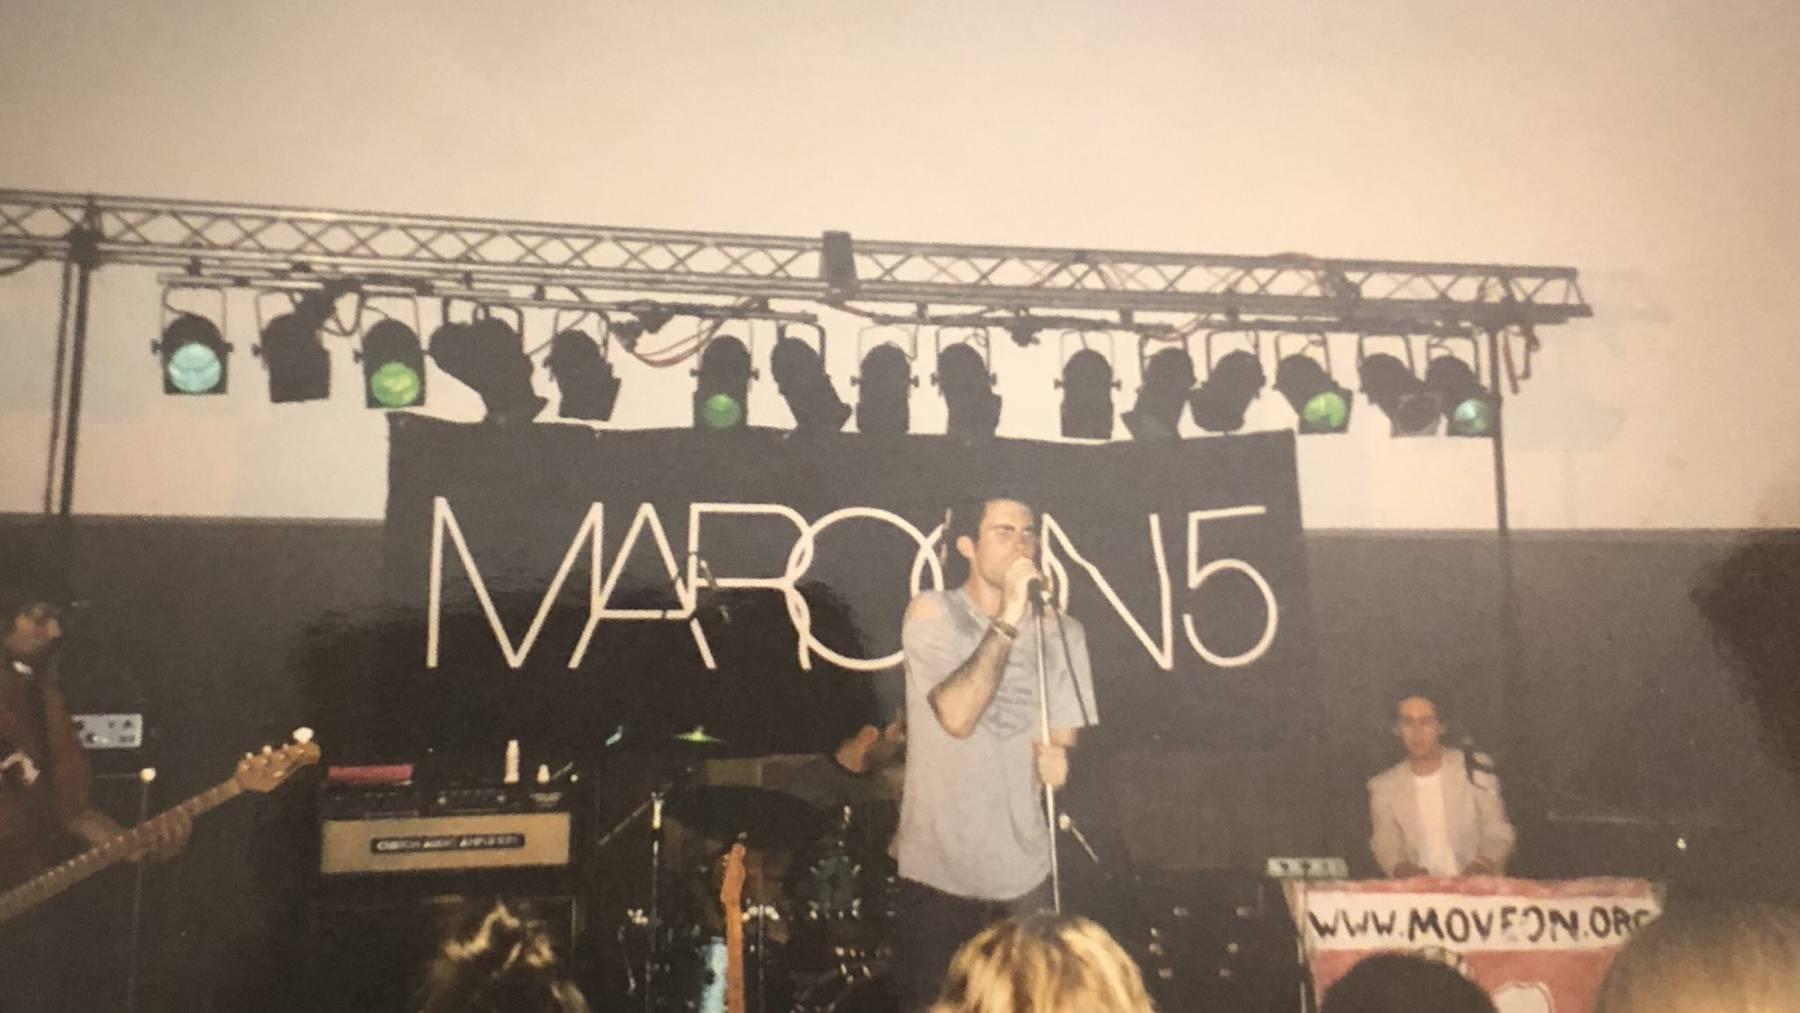 Auch Maroon 5 hat mal klein angefangen.